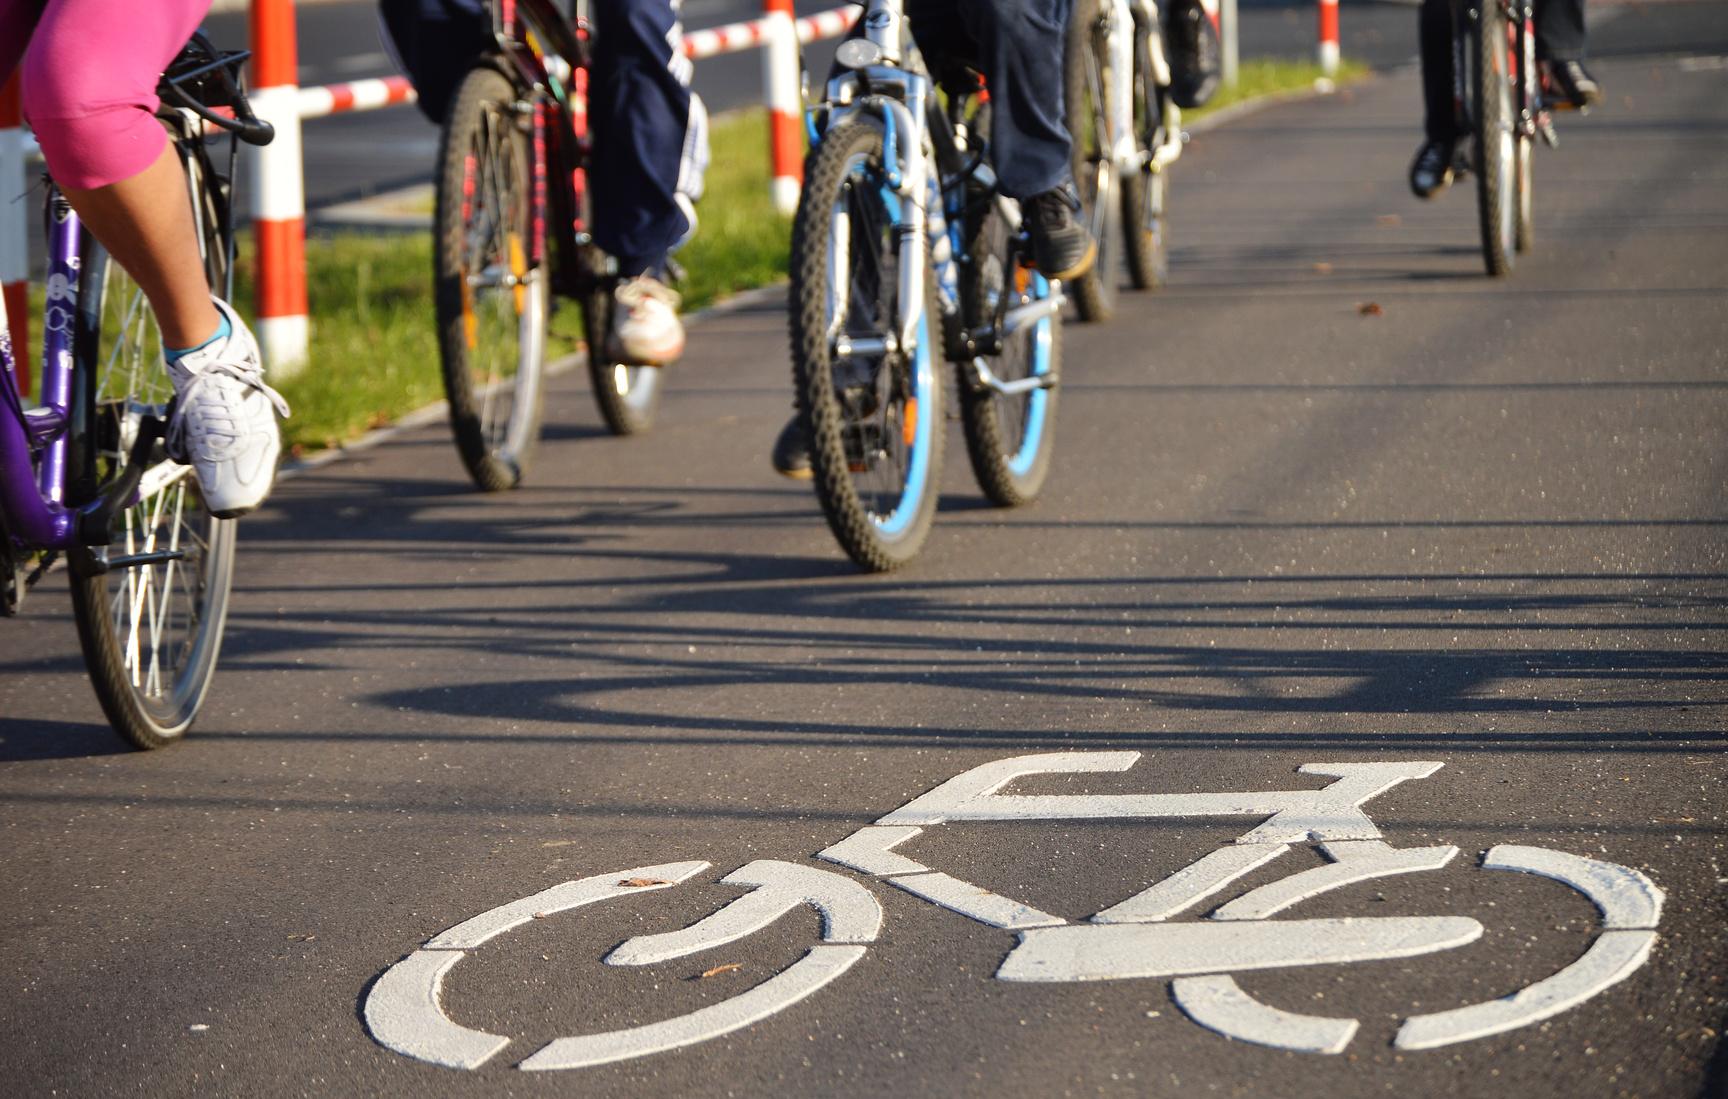 Jak nasmarować (naoliwić) łańcuch rowerowy?